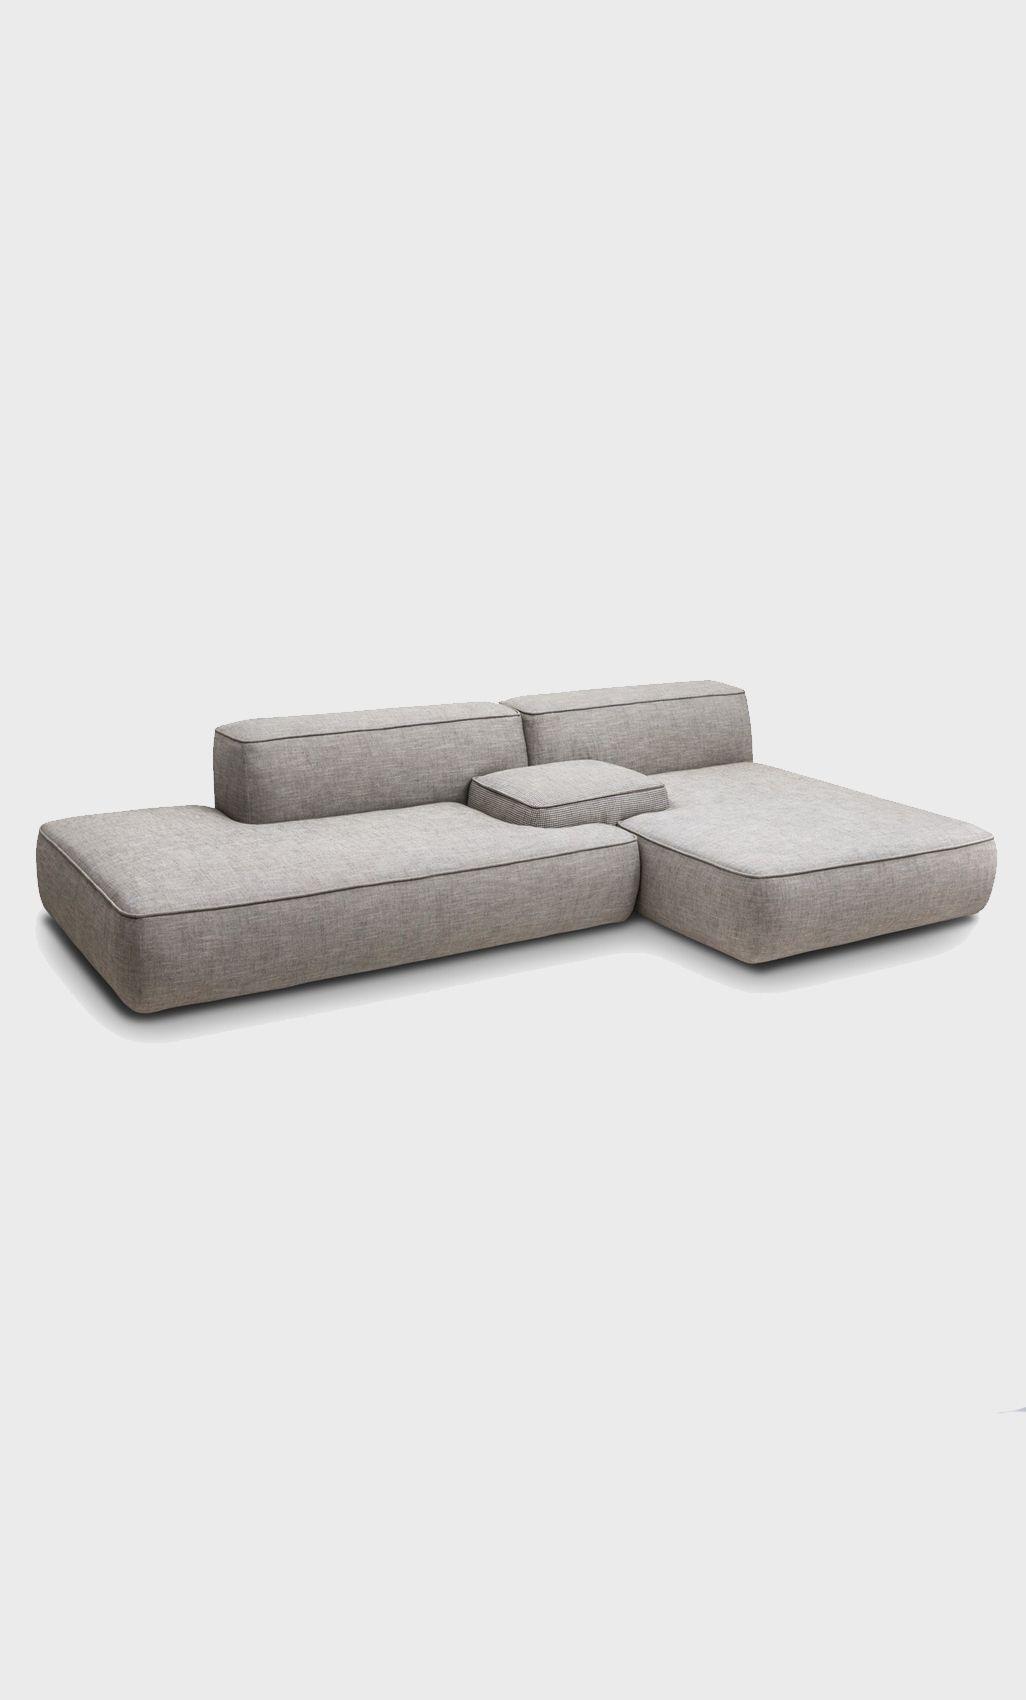 modular sofa no legs or really small